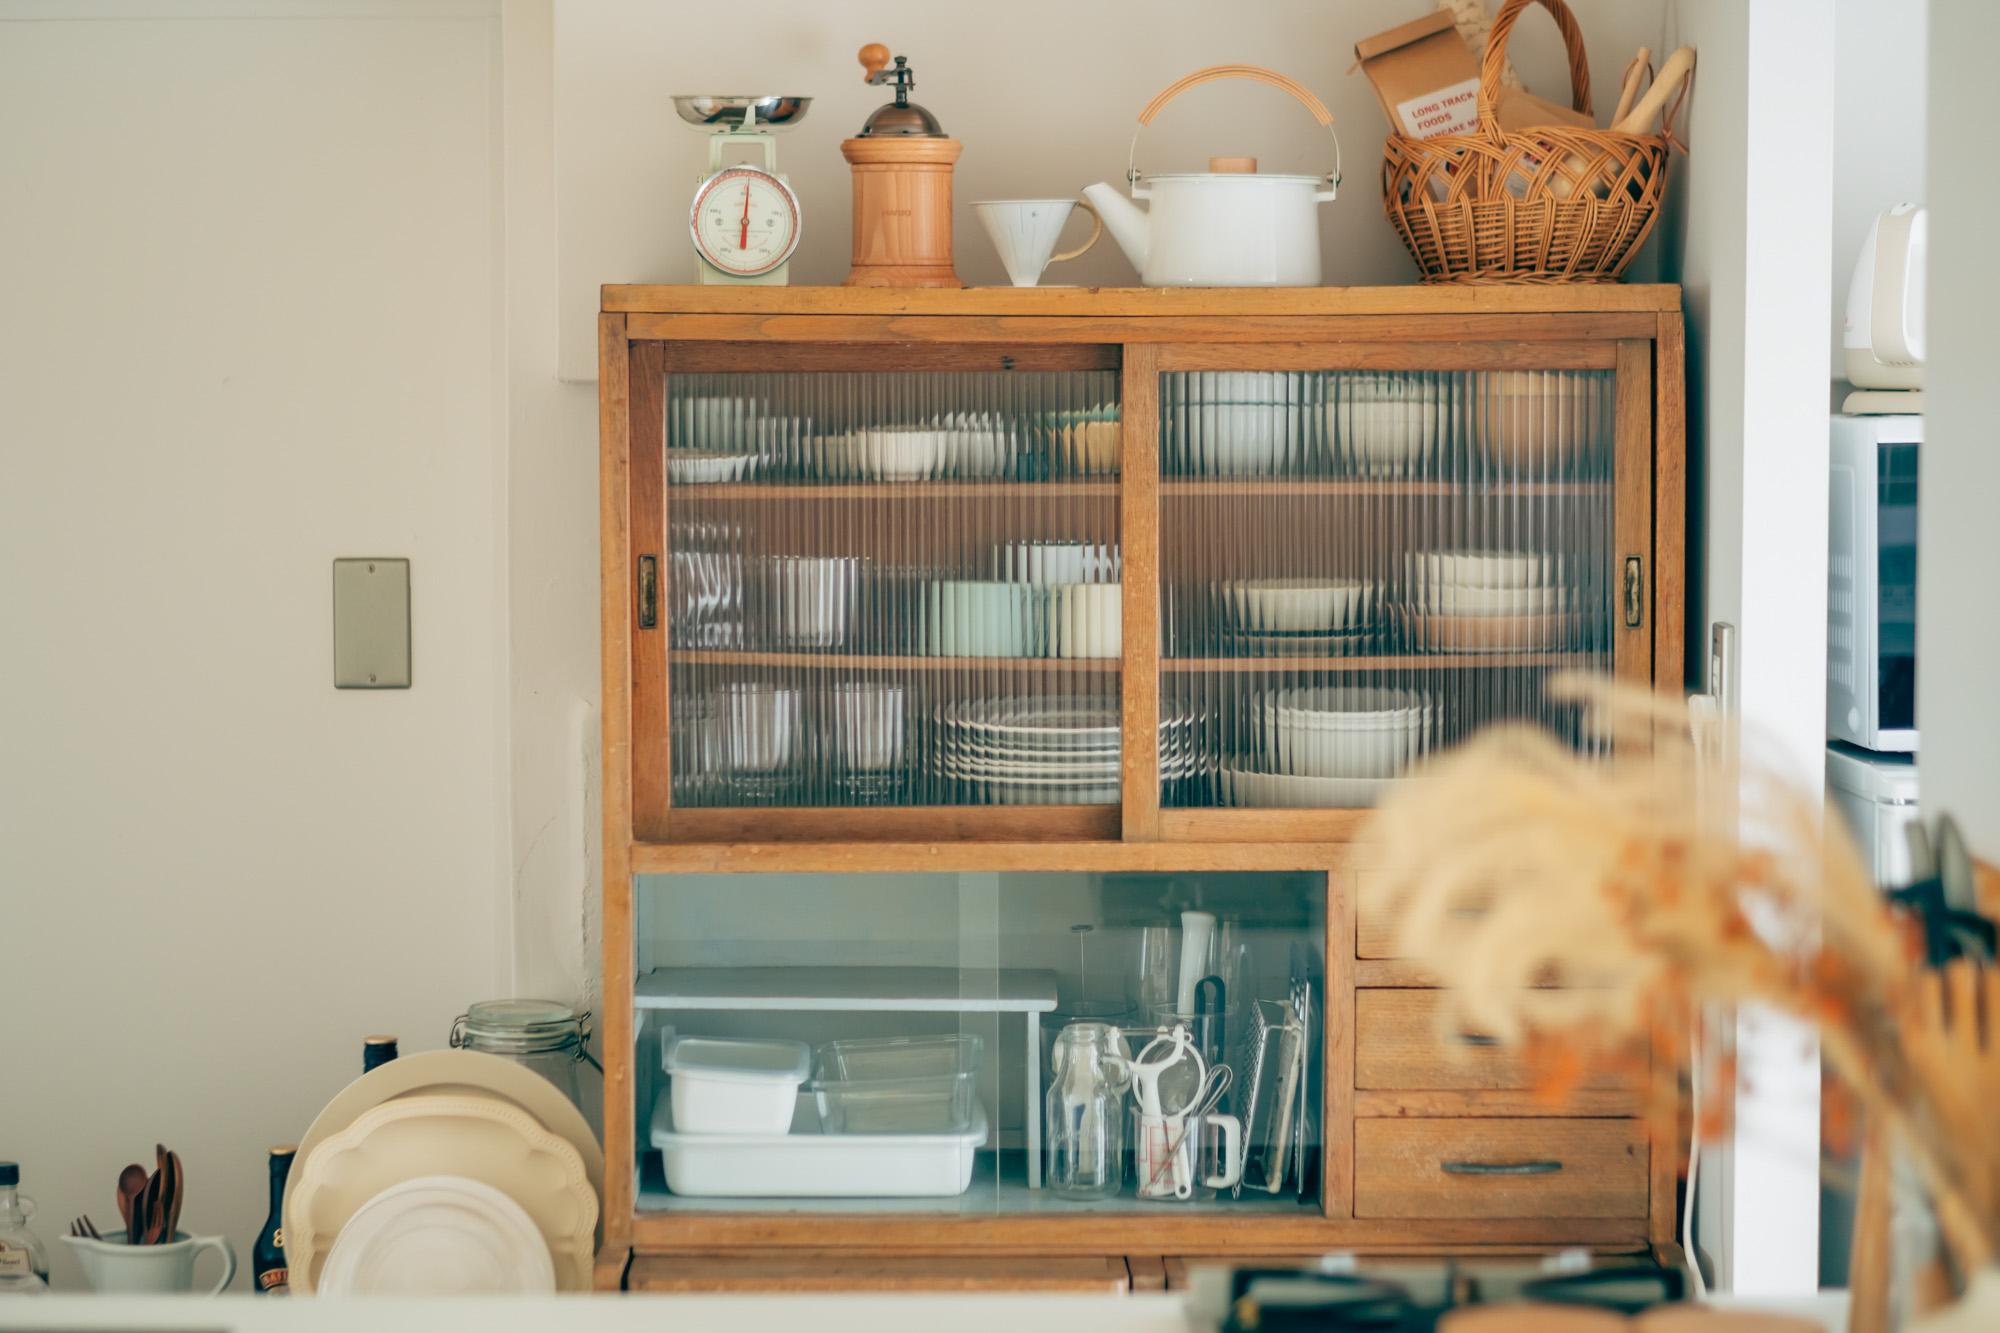 キッチンの主役は、お気に入りだというこちらの食器棚。お引越しの際に「通り道でピックアップできる中古家具」をネットの掲示板で探し、見つけたものだそう。「新しいものよりも、しっくりきています」